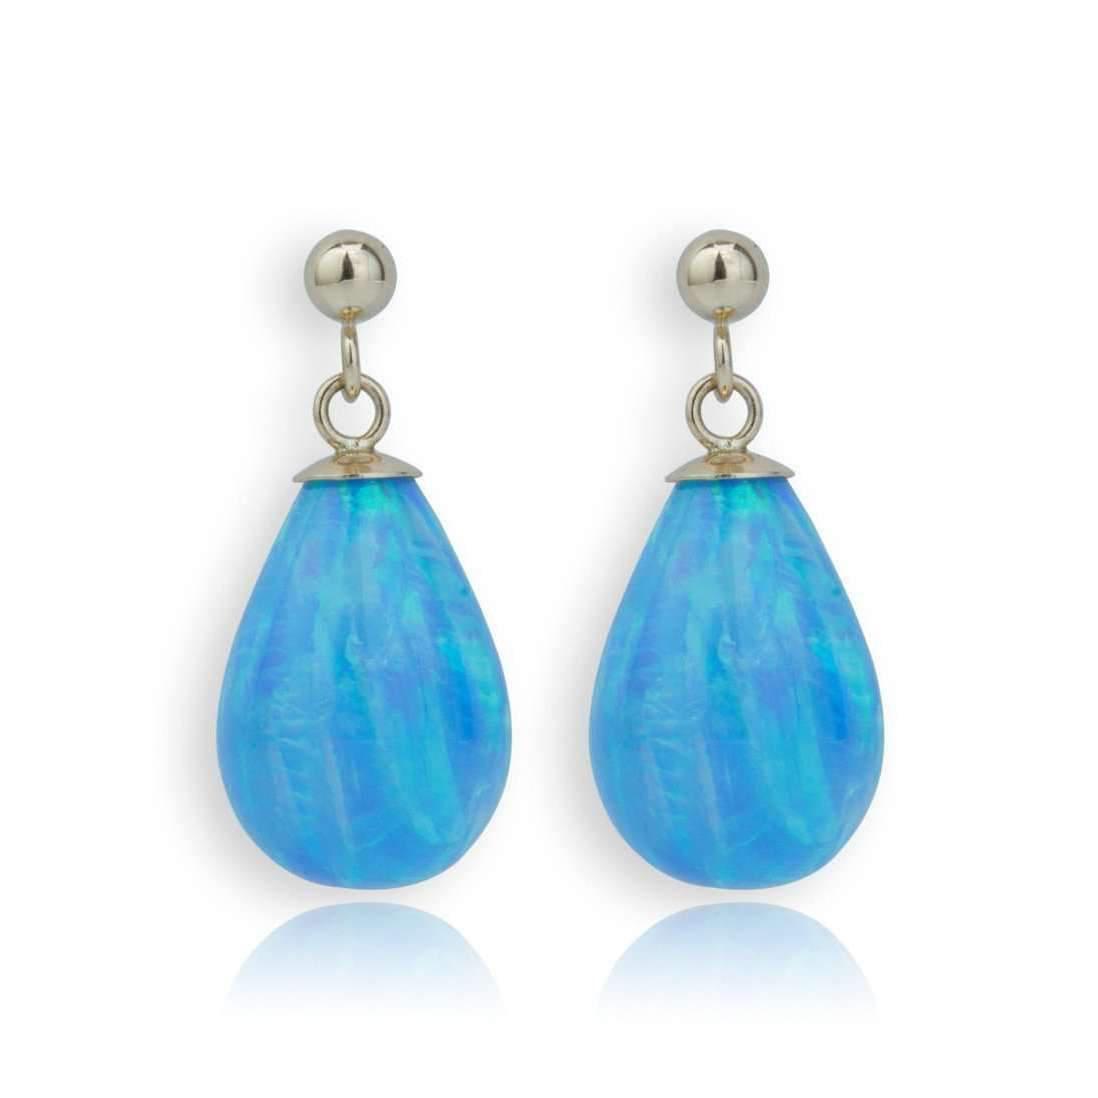 Lavan Blue Opal Teardrop Earrings fACIPW1B